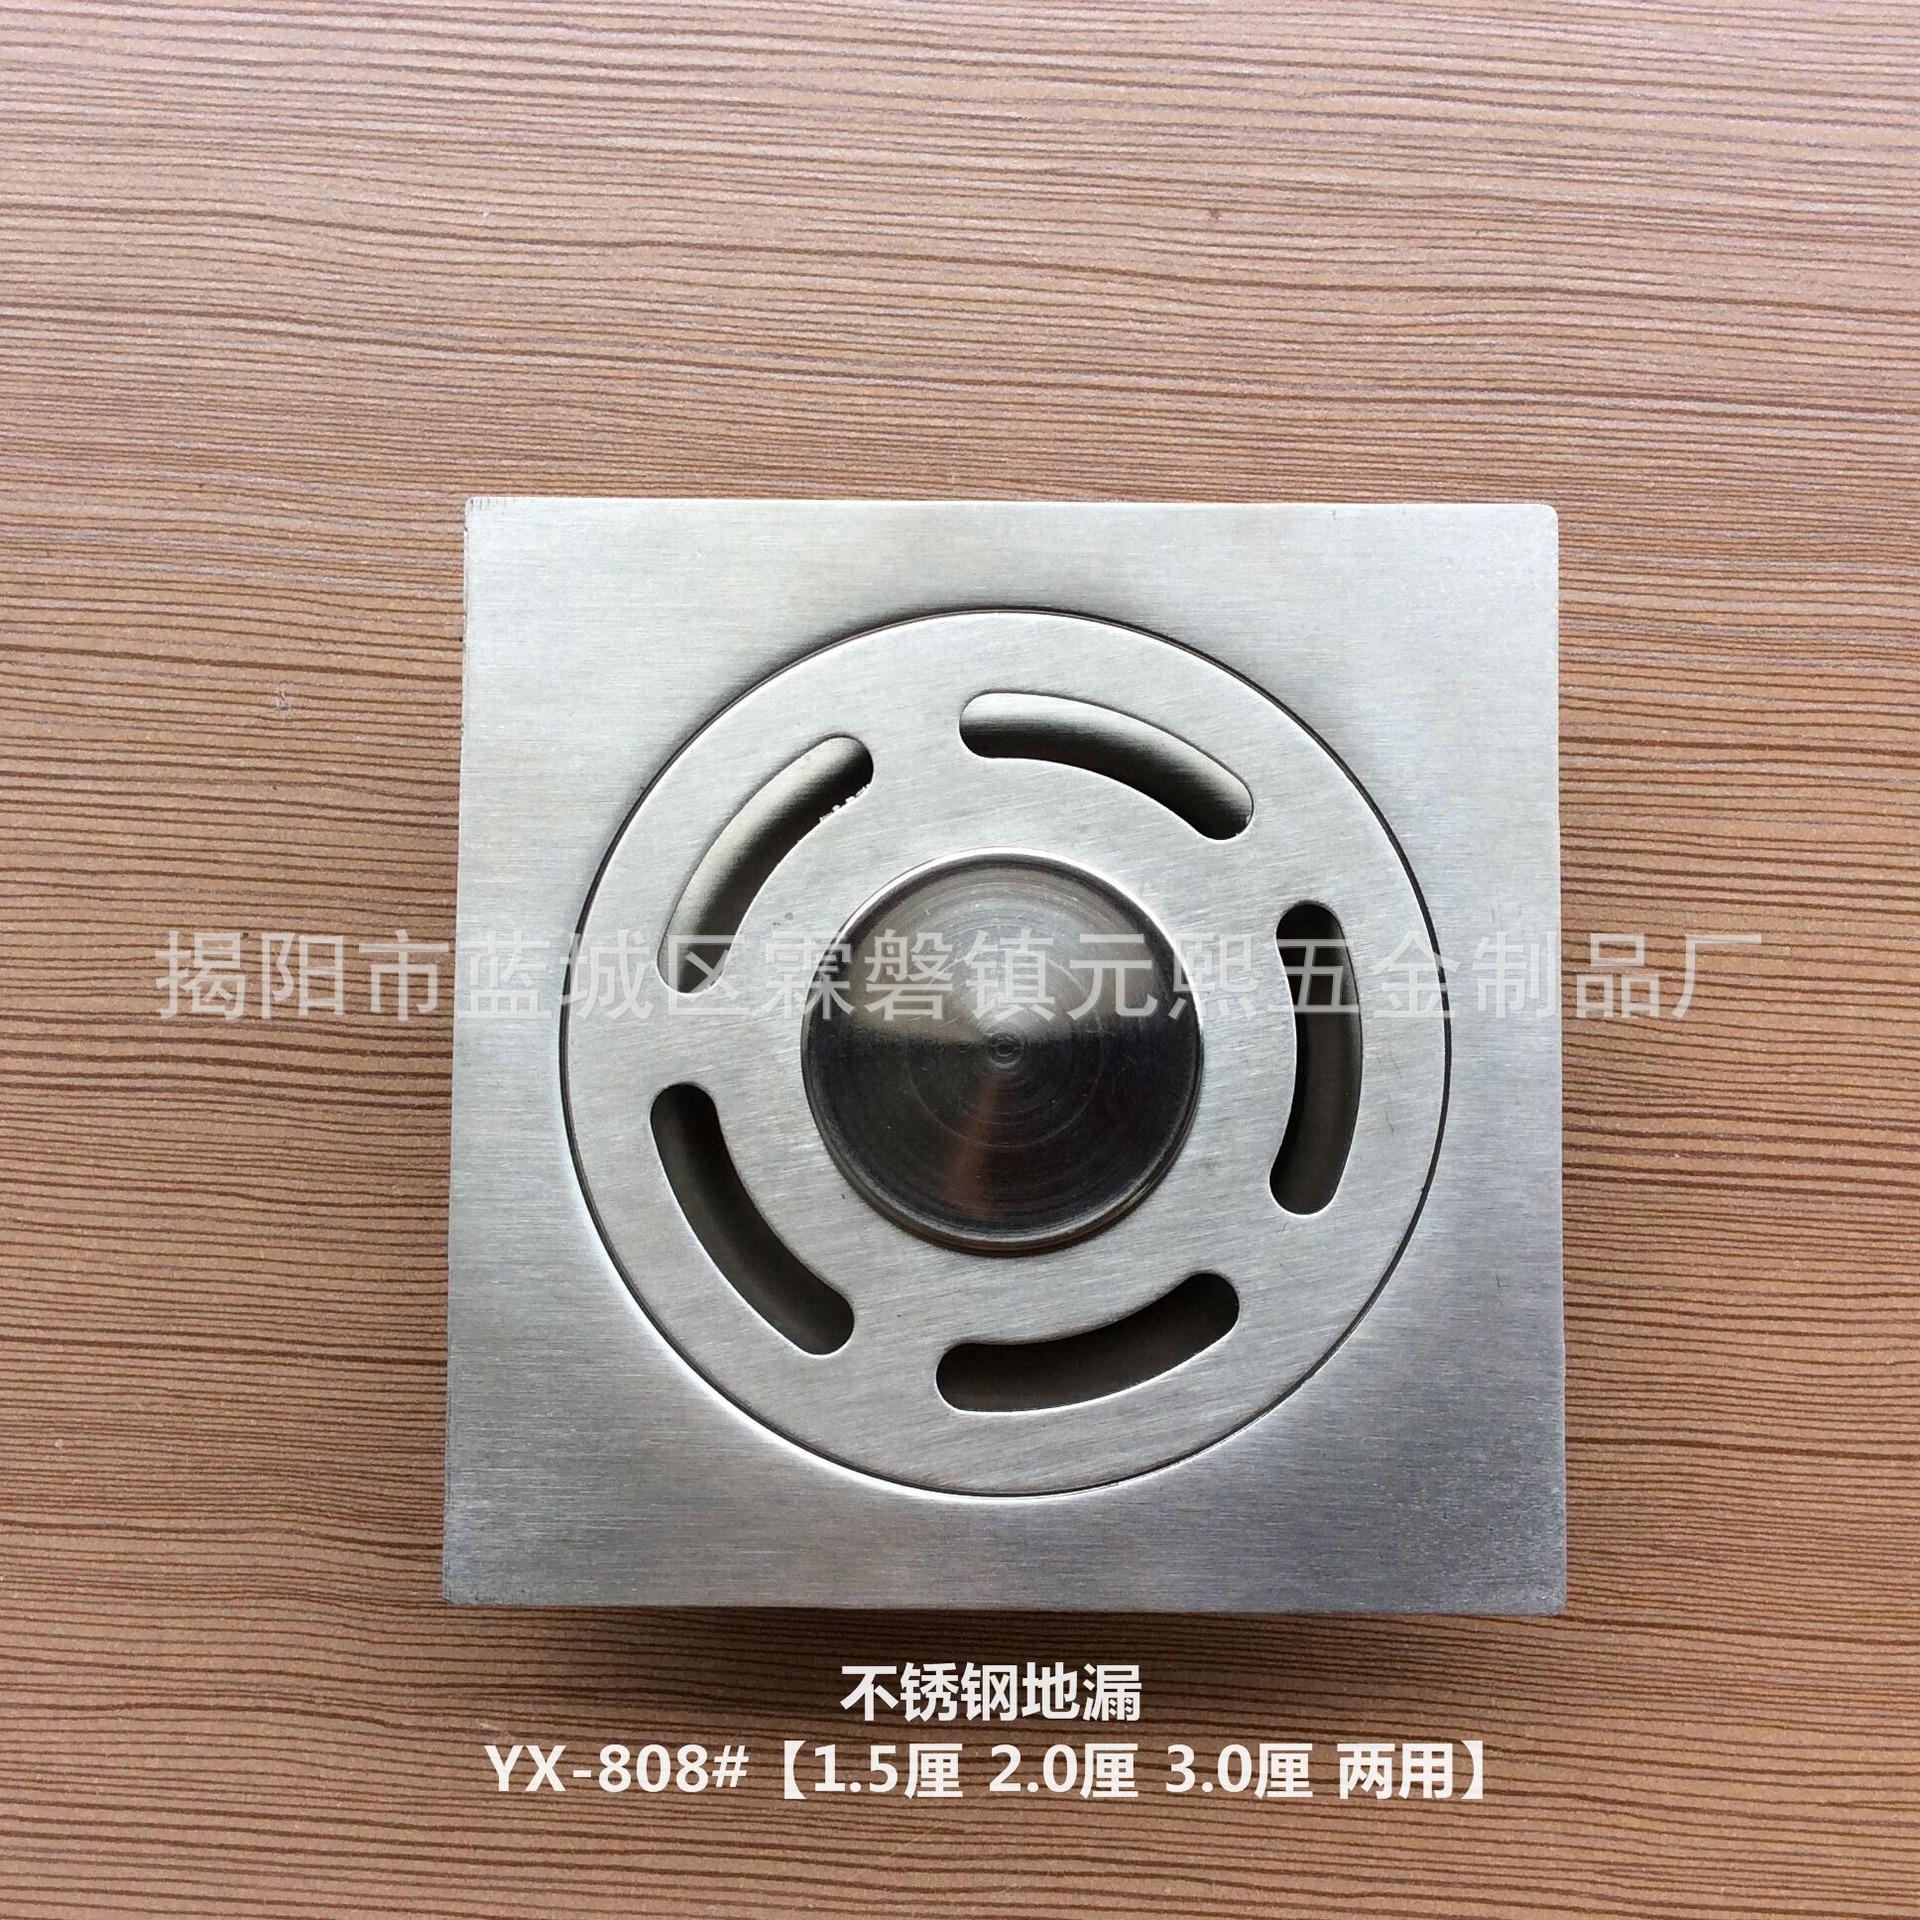 【厂家批发】不锈钢地漏:YX—808#(1.5厘 2.0厘 3.0厘 两